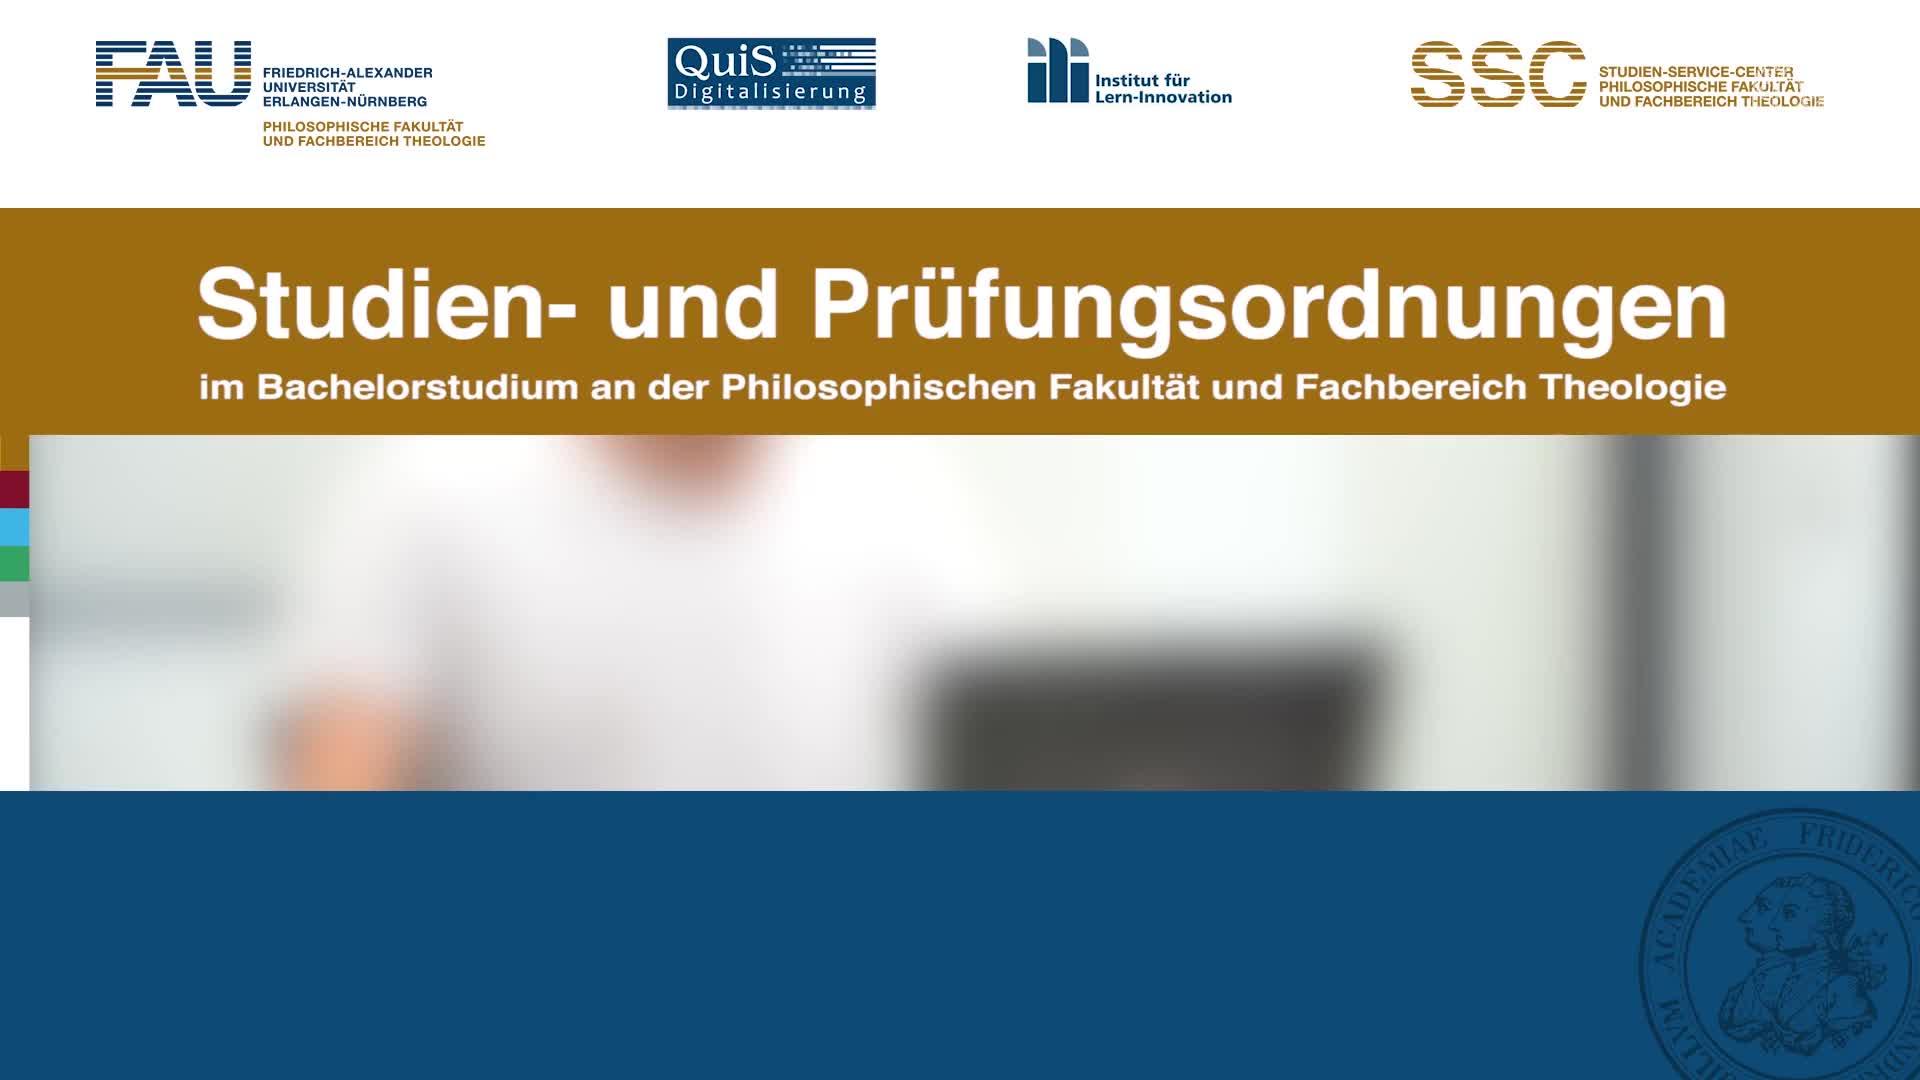 Studien- und Prüfungsordnungen preview image